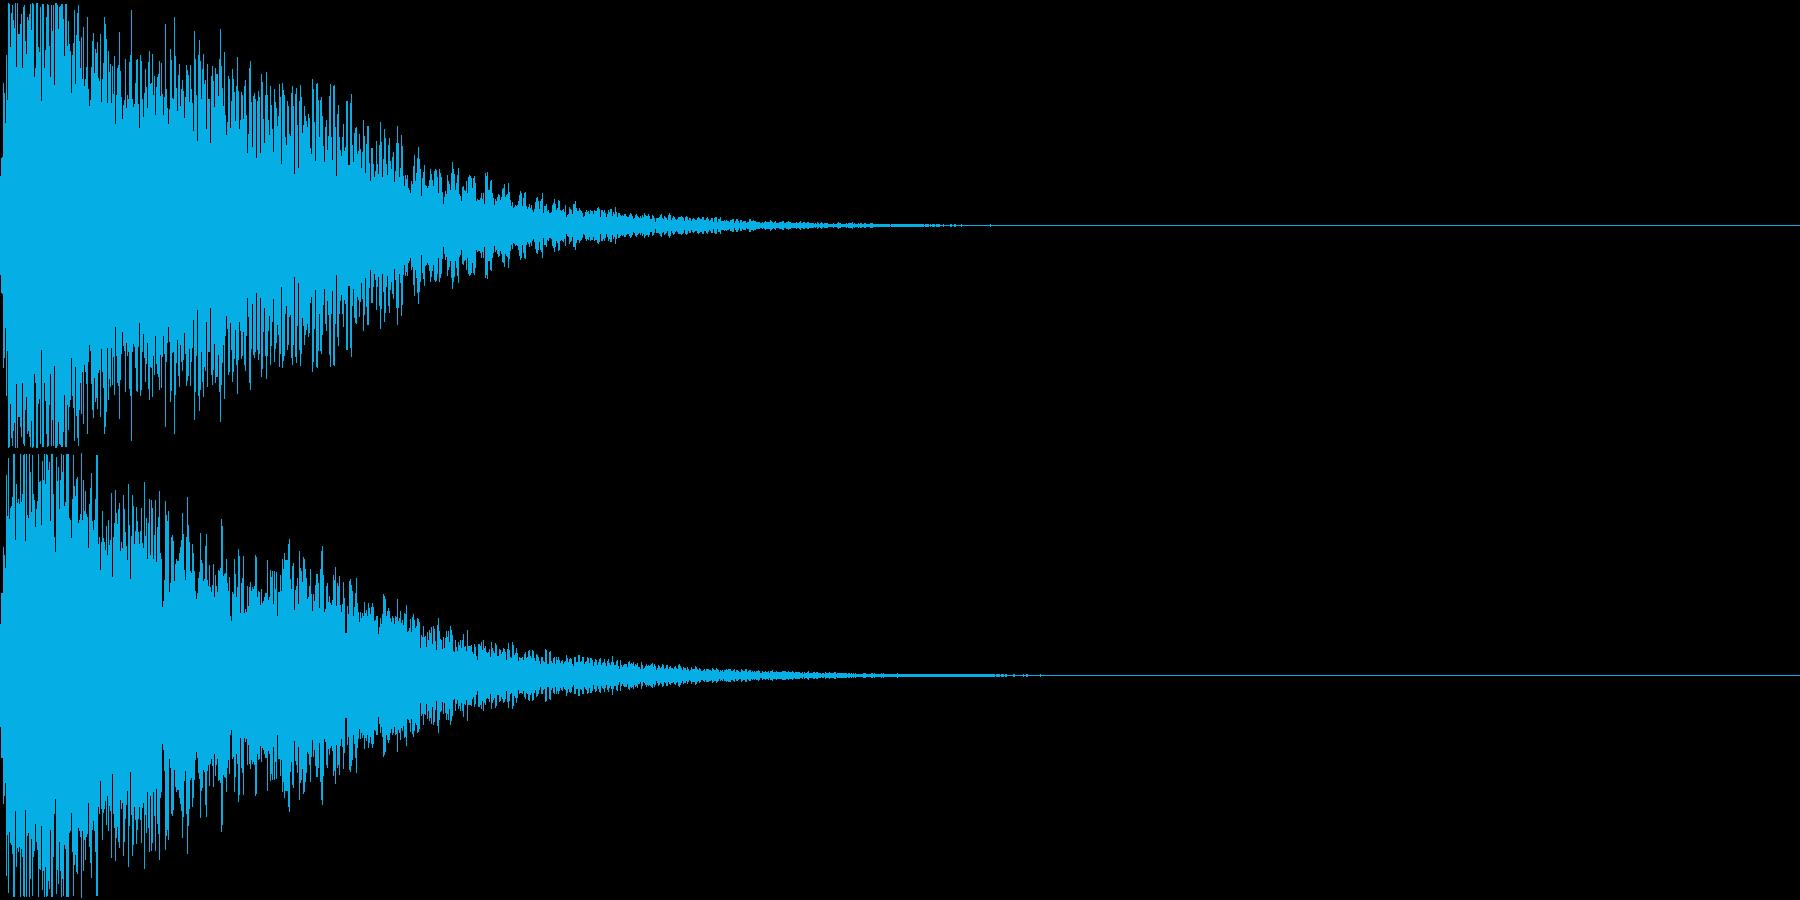 ロボット 合体 ガシーン キュイン 31の再生済みの波形